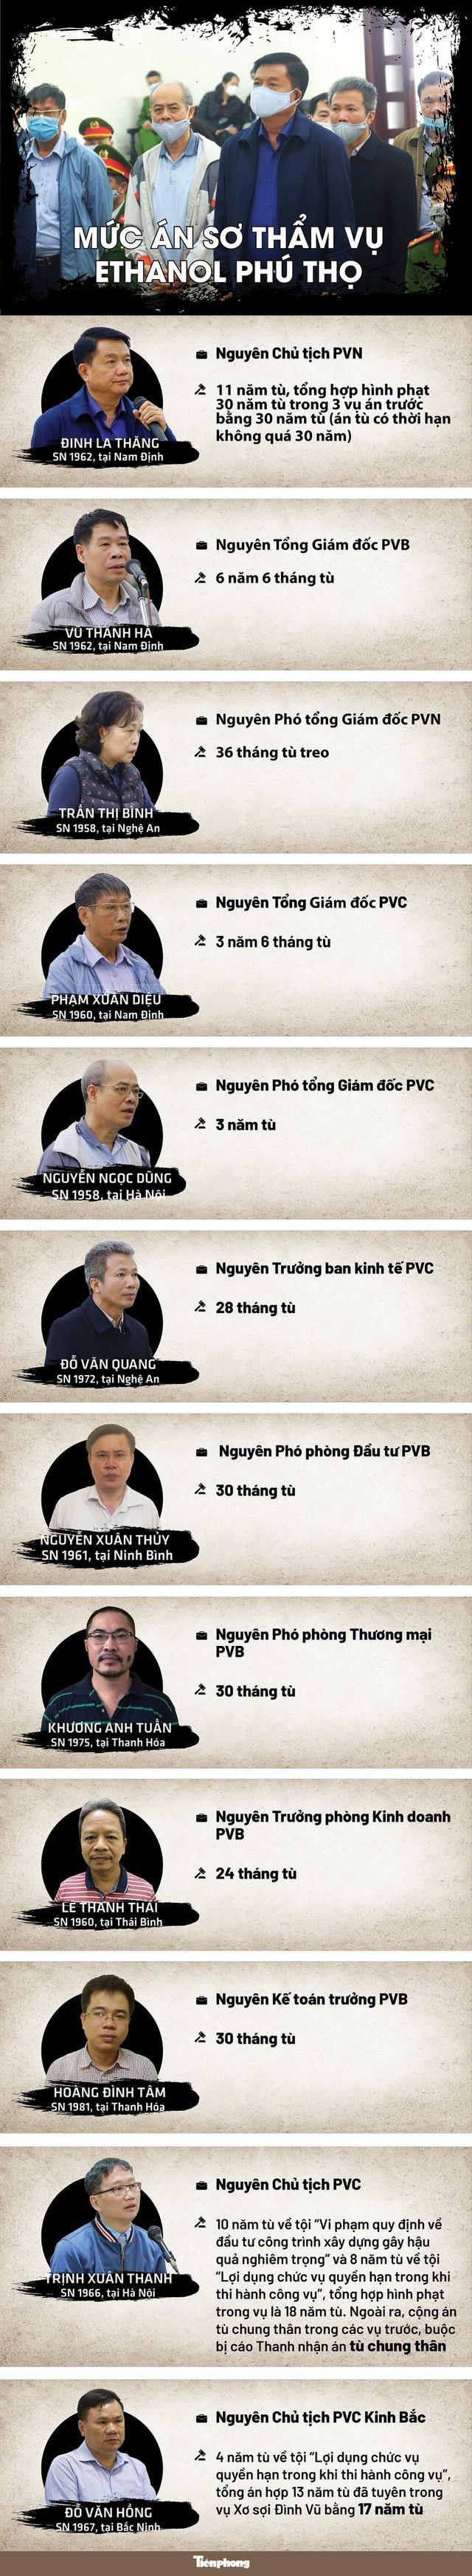 [INFOGRAPHIC] Án phạt của ông Đinh La Thăng, Trịnh Xuân Thanh trong vụ Ethanol Phú Thọ - Ảnh 1.